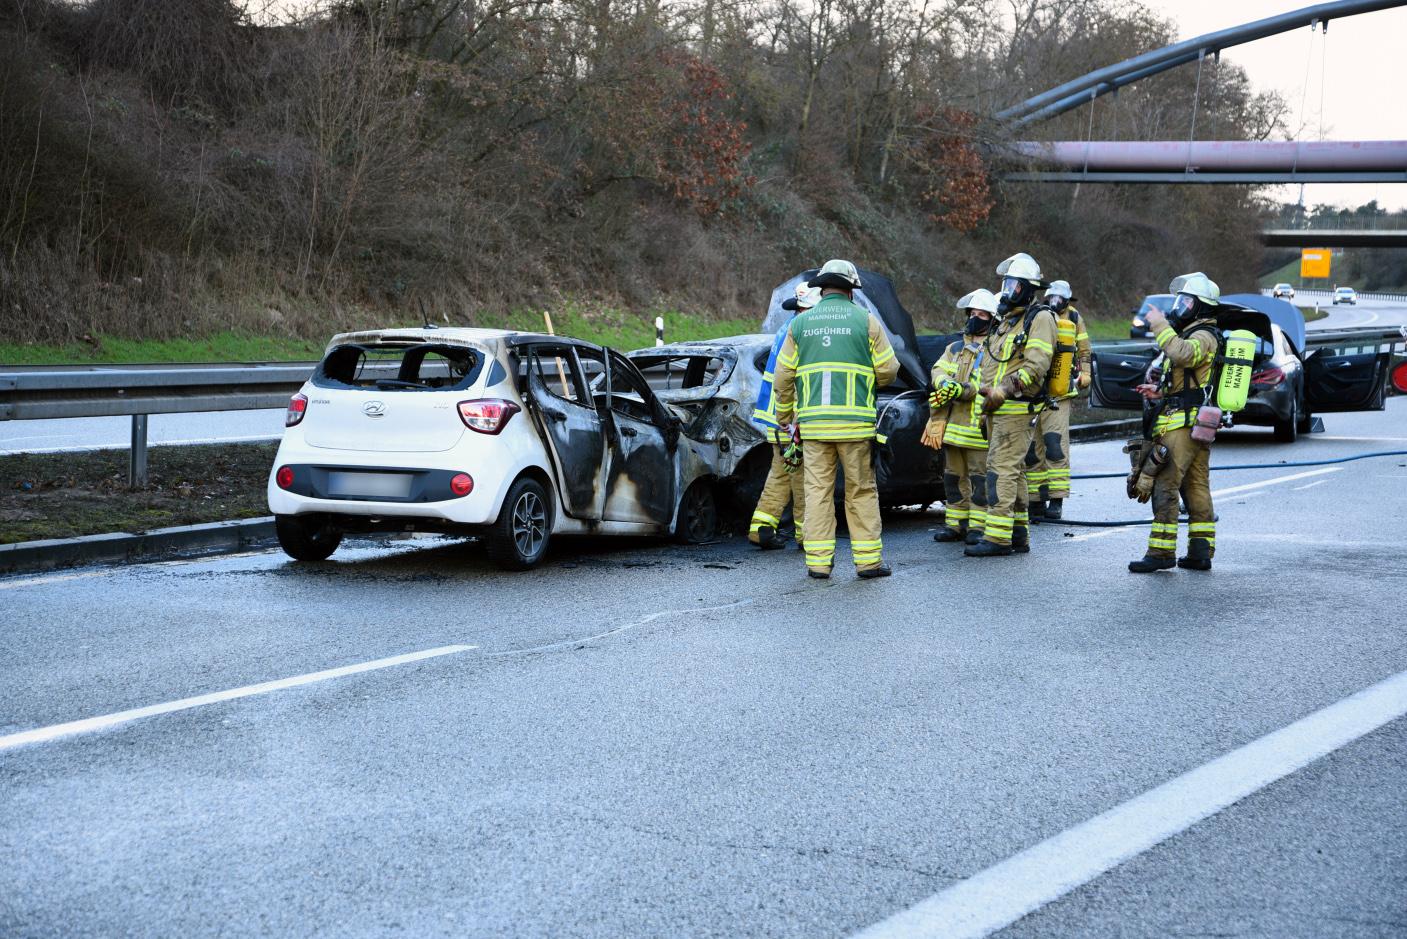 Mannheim-Rheinau: Schwerer Unfall auf B36 - Unfallverursacherin nach Aufruf in sozialen Medien ermittelt